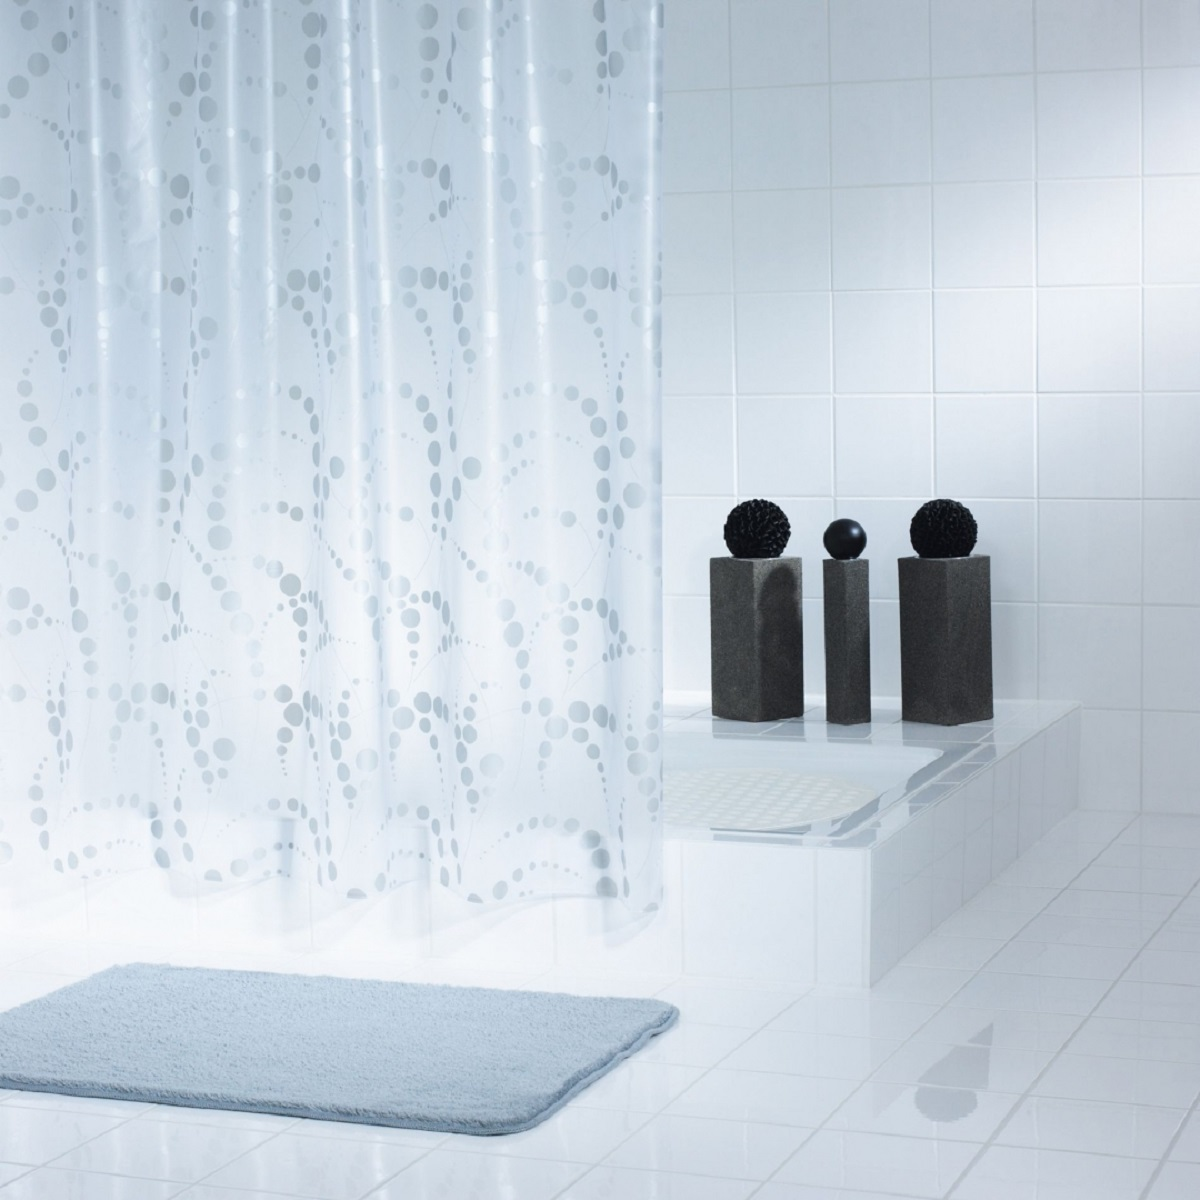 Штора для ванной комнаты Ridder Dots, цвет: серый, 180 х 200 см18815Штора для ванной комнаты Ridder Dots, изготовленная из высококачественного полиэтиленвинилацетата, приятна на ощупь, устойчива к разрывам и проколам, не пропускает воду. Изделие декорировано ярким рисунком с изображением кругов.Штора надежно защитит от брызг и капель пространство вашей ванной комнаты в то время, пока вы принимаете душ, а привлекательный дизайн шторы наполнит вашу ванную комнату положительной энергией.